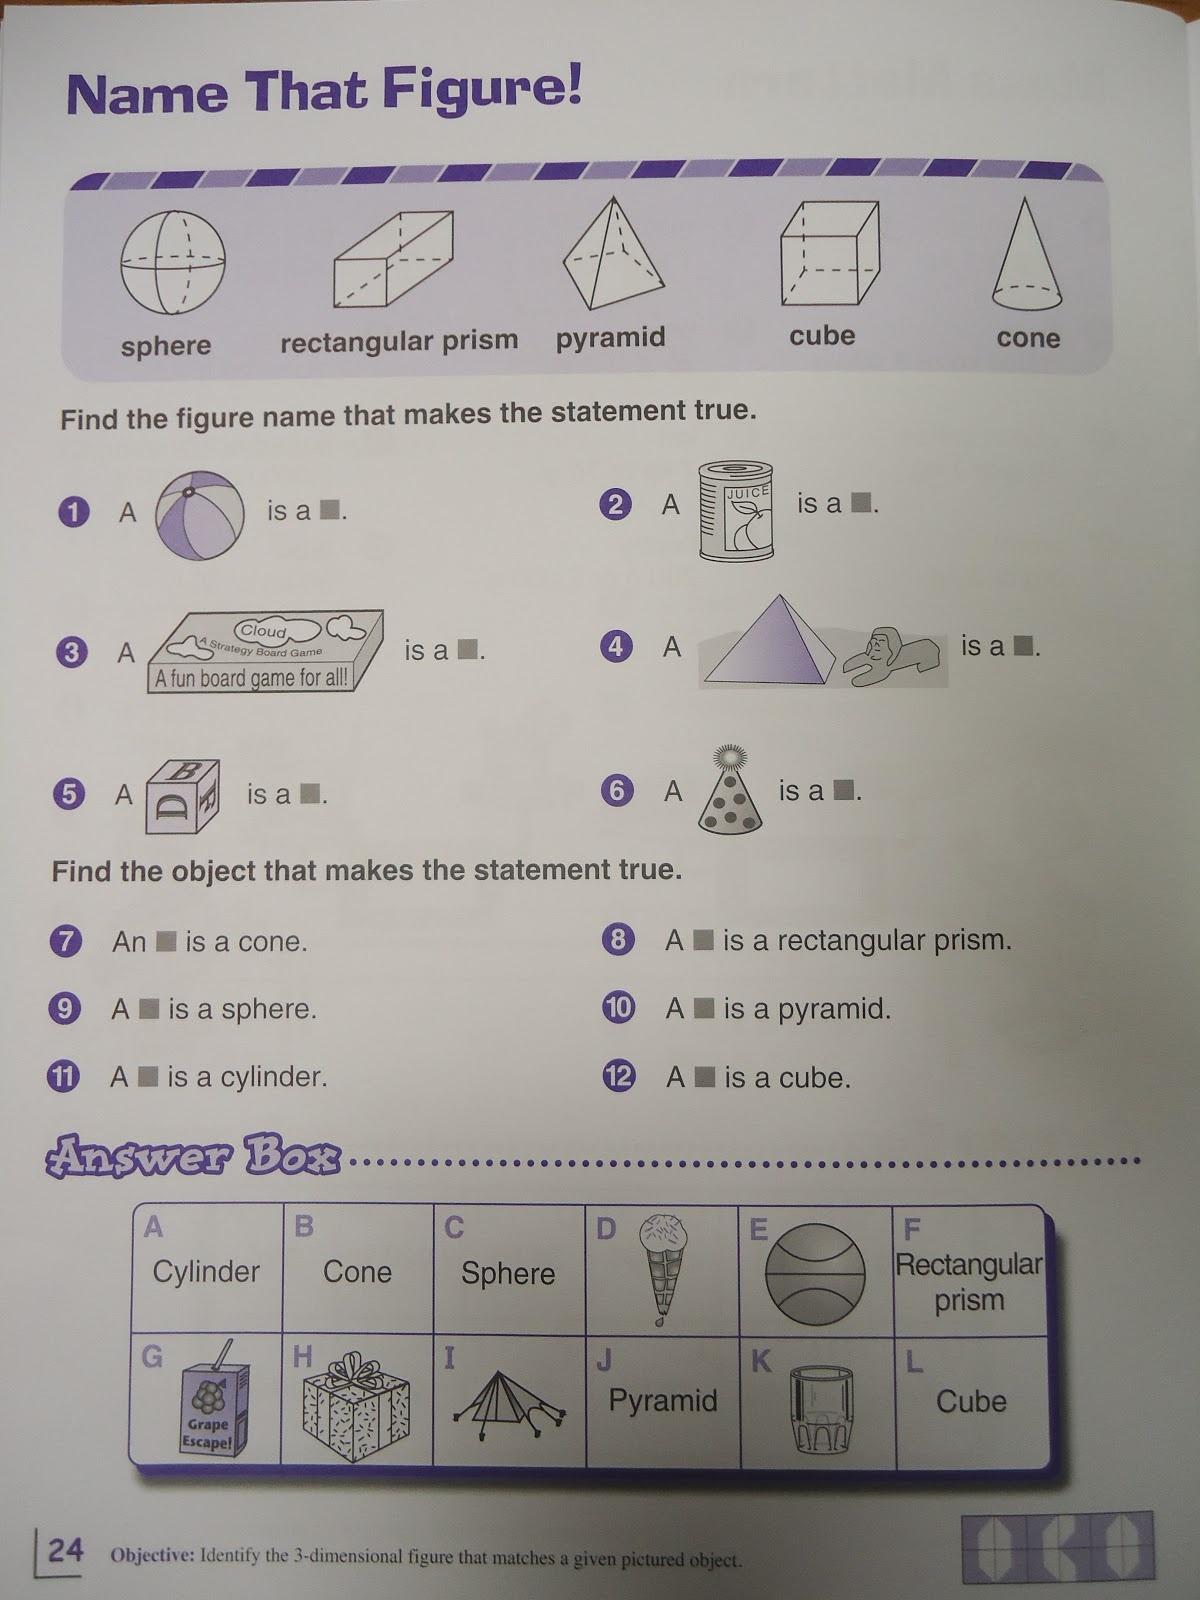 Versatiles Worksheets | Free Printables Worksheet - Free Printable - Free Printable Versatiles Worksheets